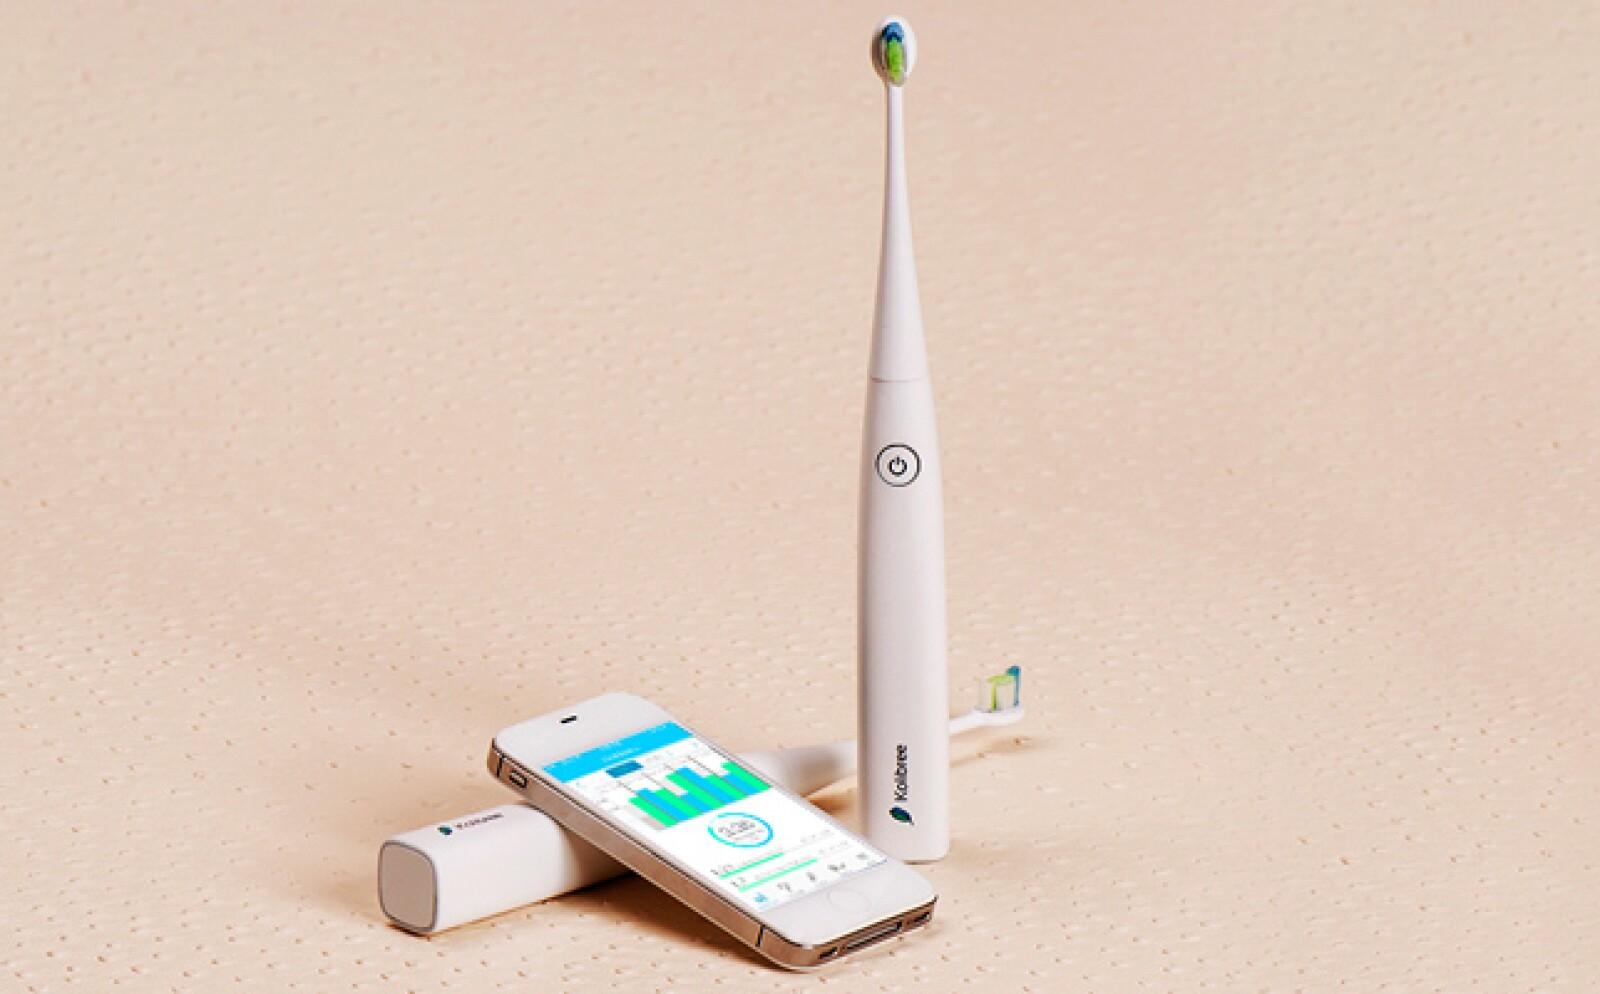 El cepillo Kolibree cuenta con Bluetooth y te ofrece información precisa de tu higiene personal. Podrás llevar estadísticas de tu cepillado para mejorar tu higiene bucal.